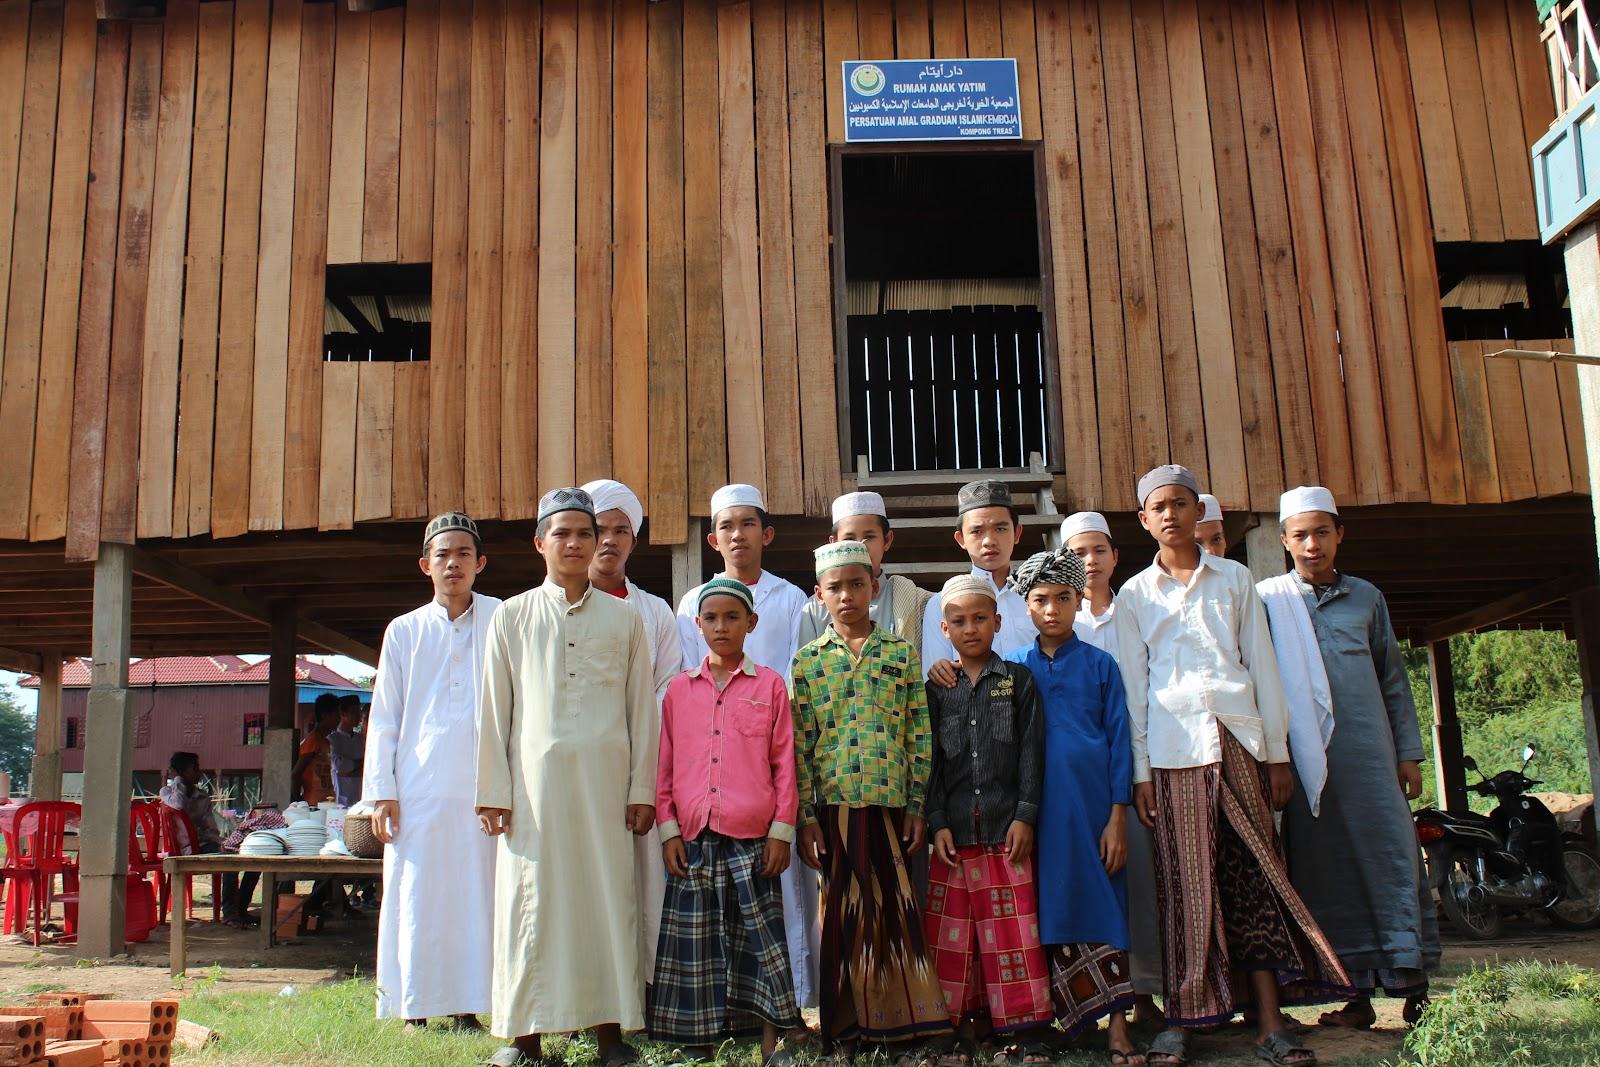 PERSATUAN AMAL GRADUAN ISLAM KEMBOJA